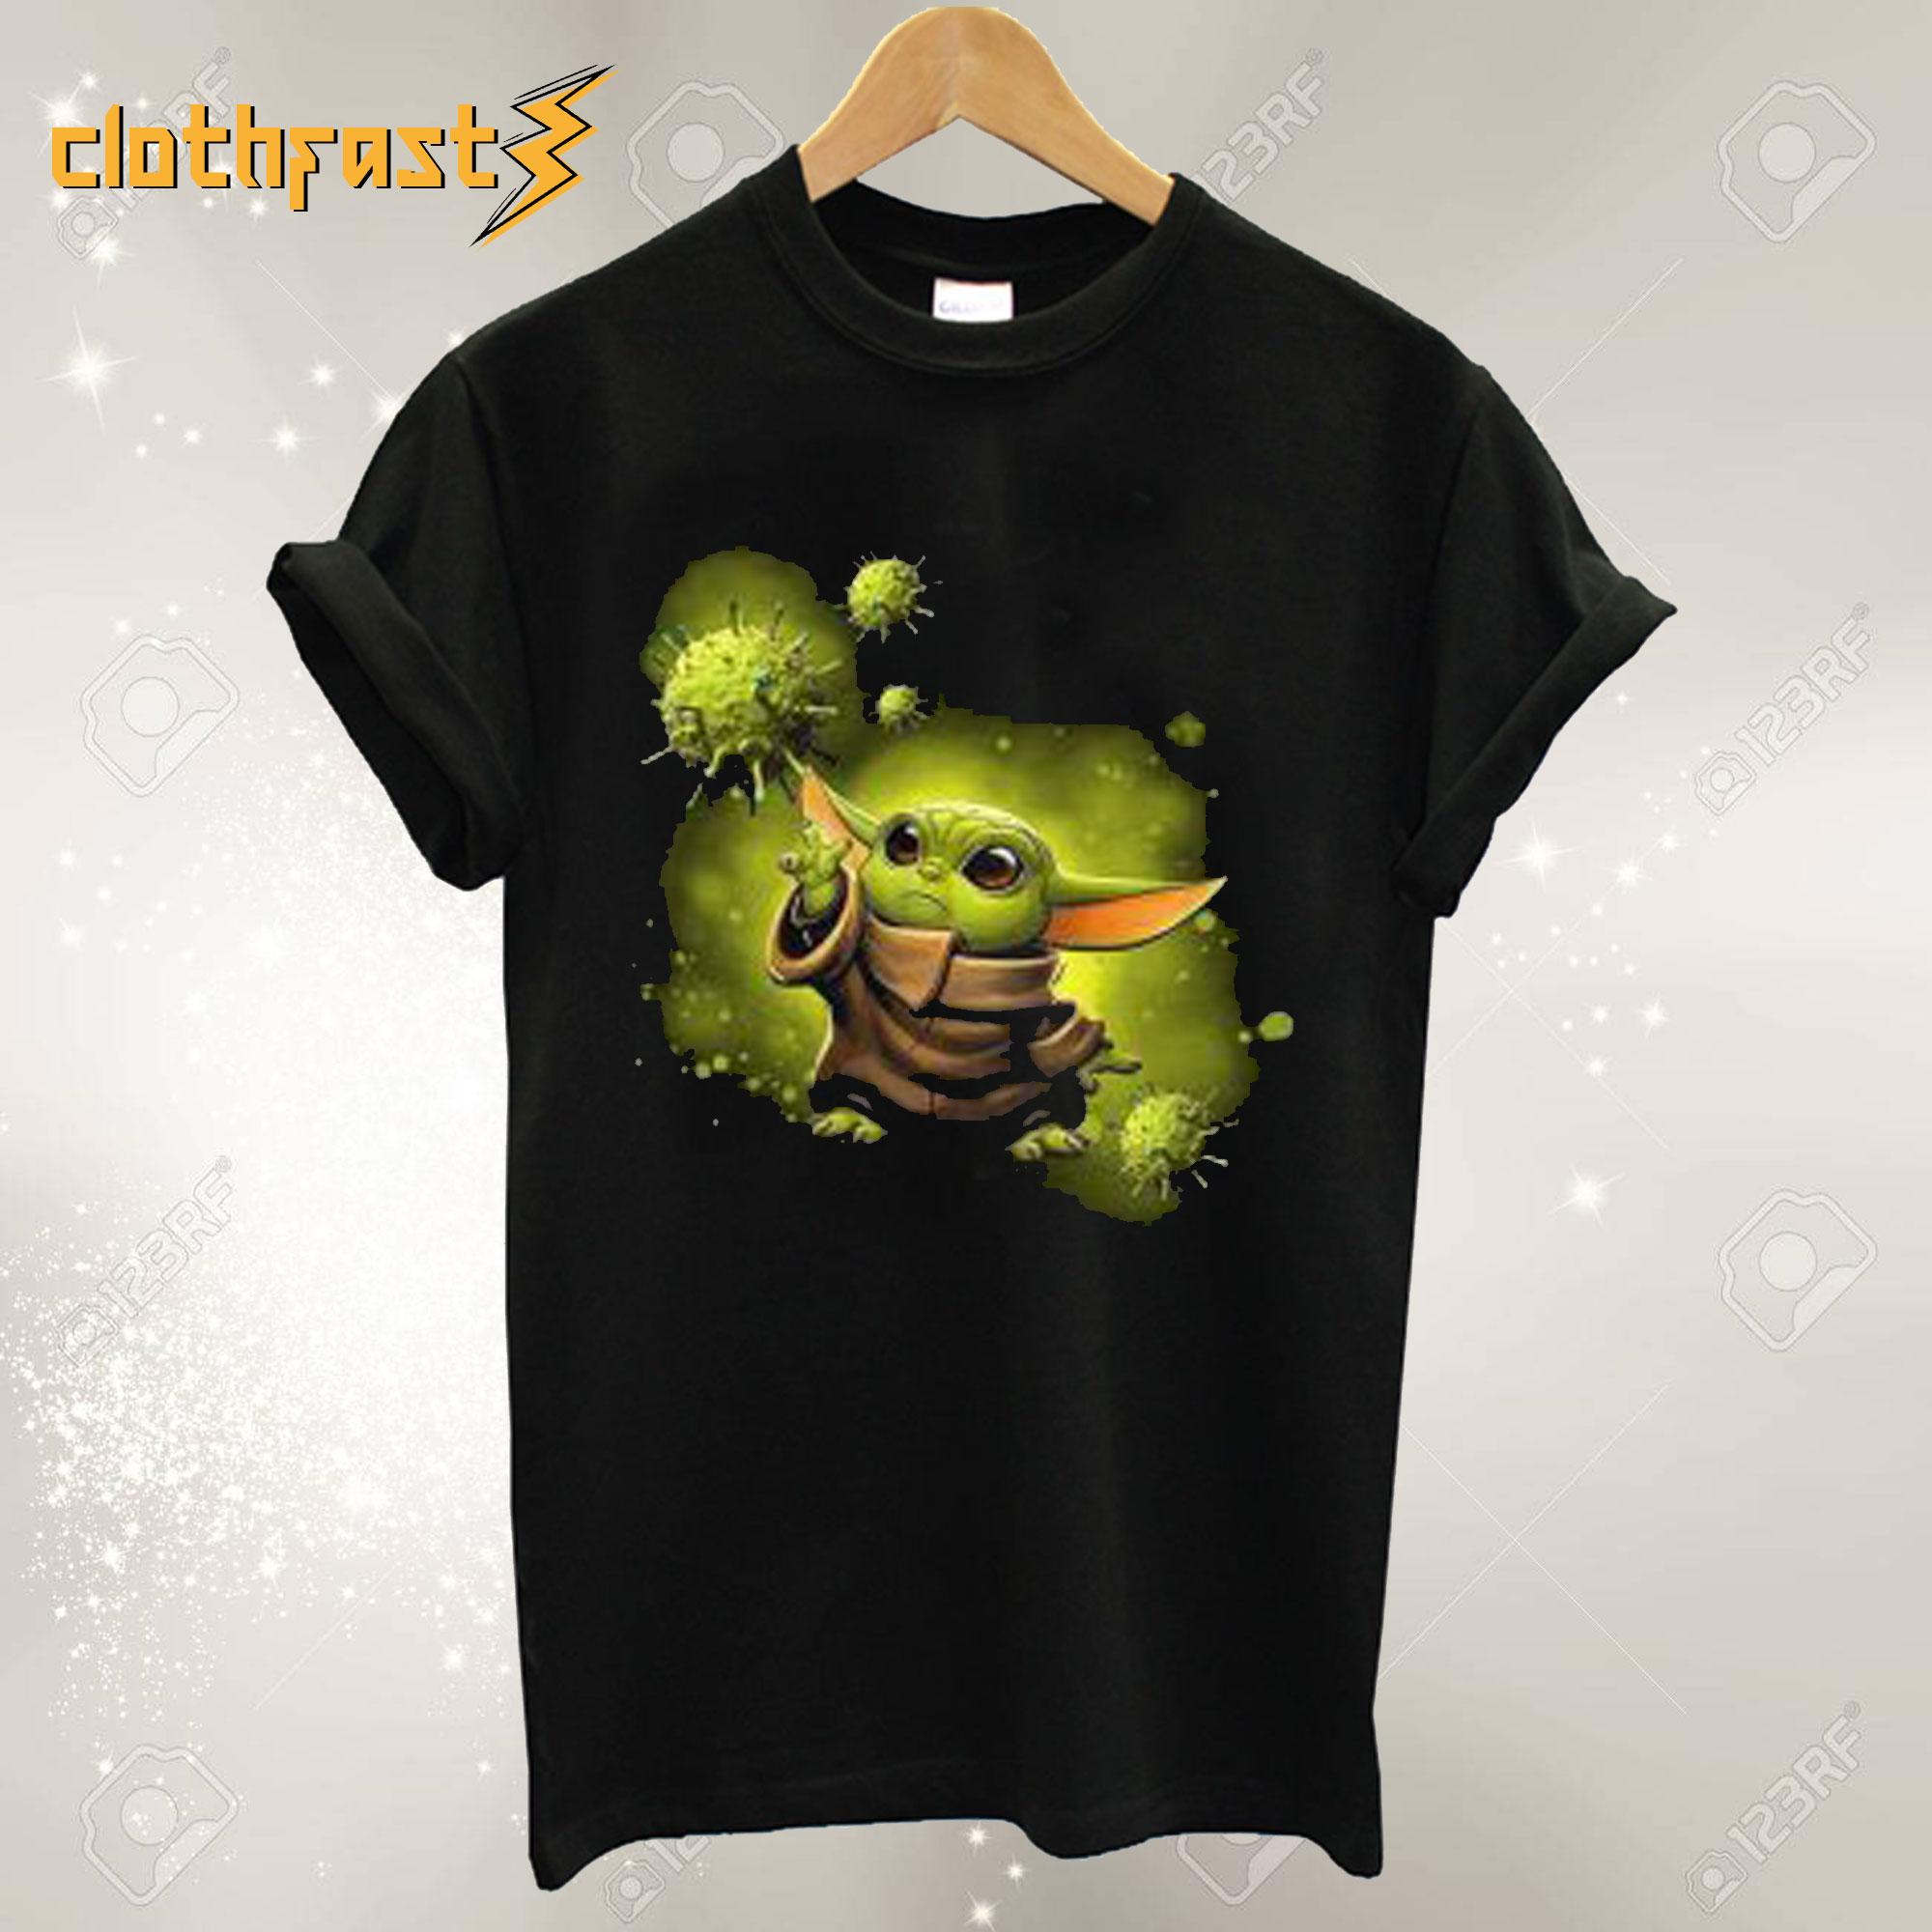 Corona Virus Yoda T Shirt